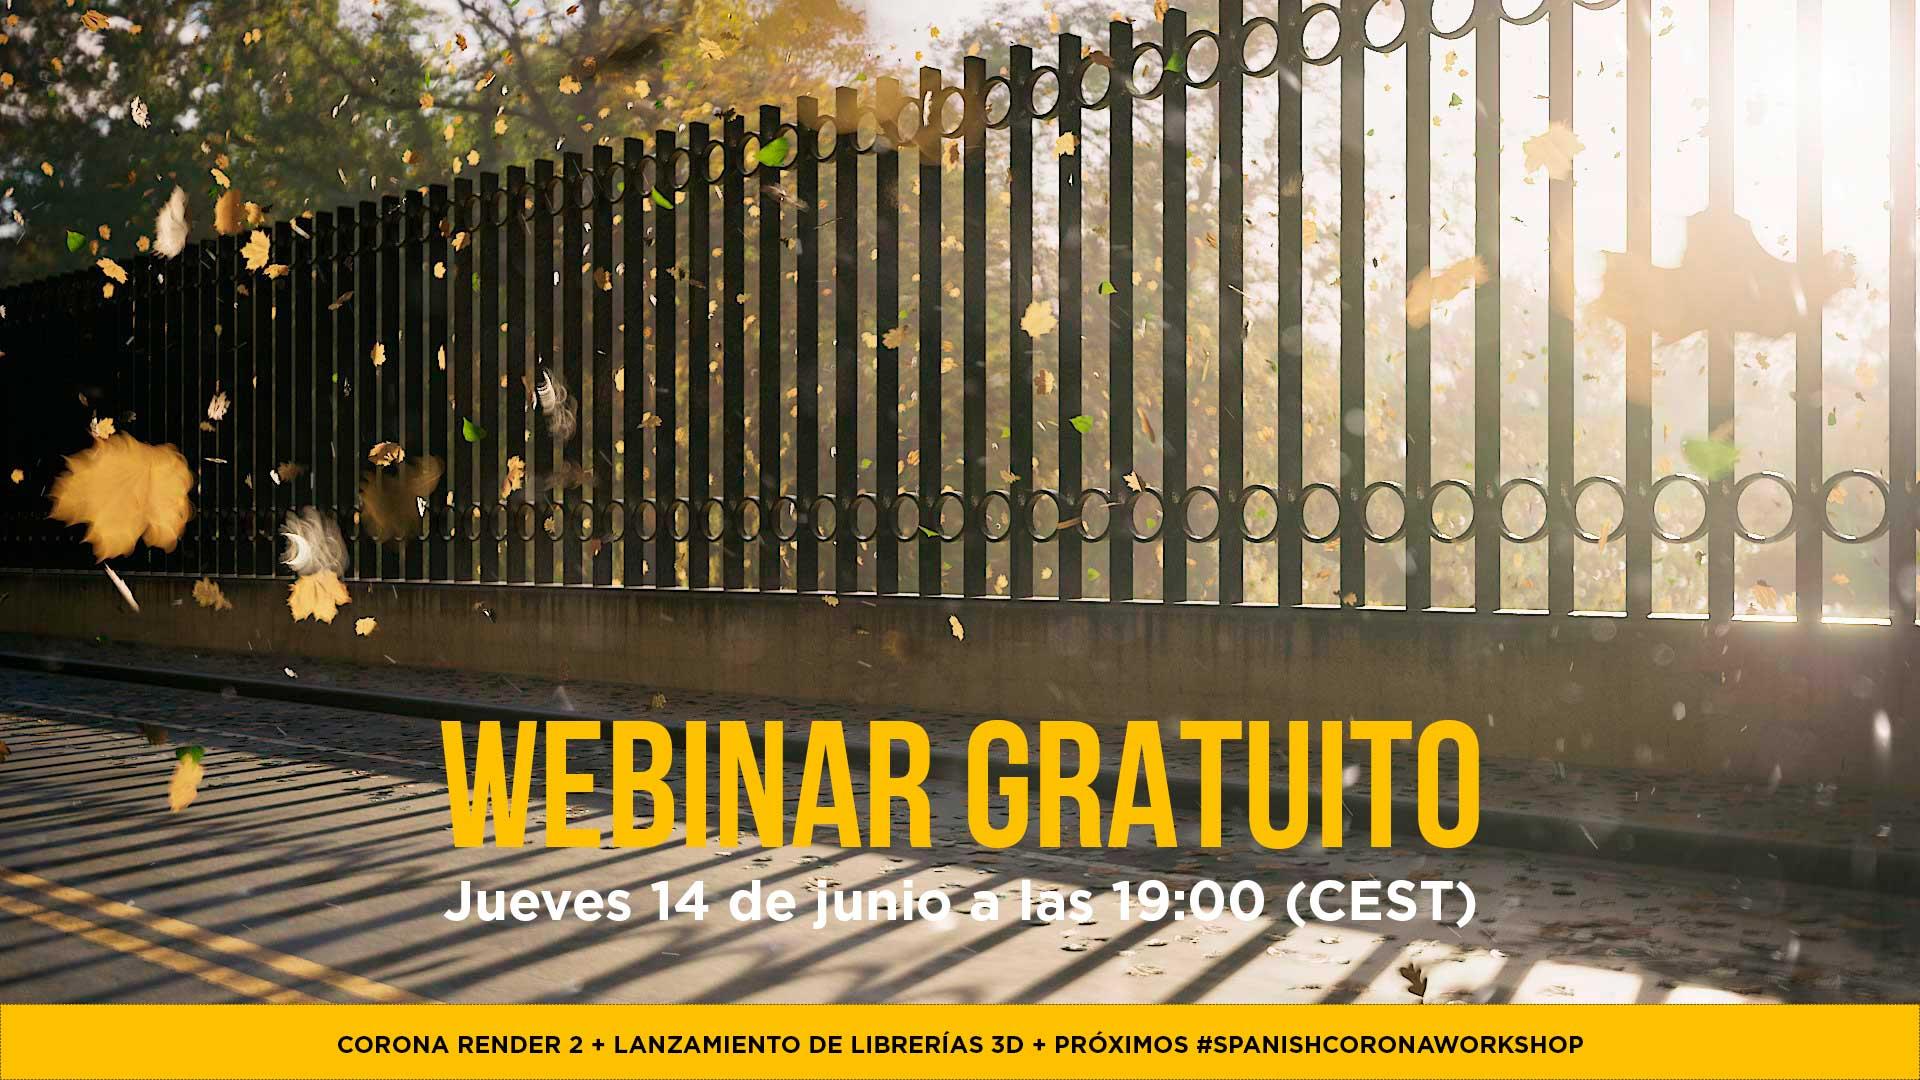 Webinar Gratuito Corona Render 2